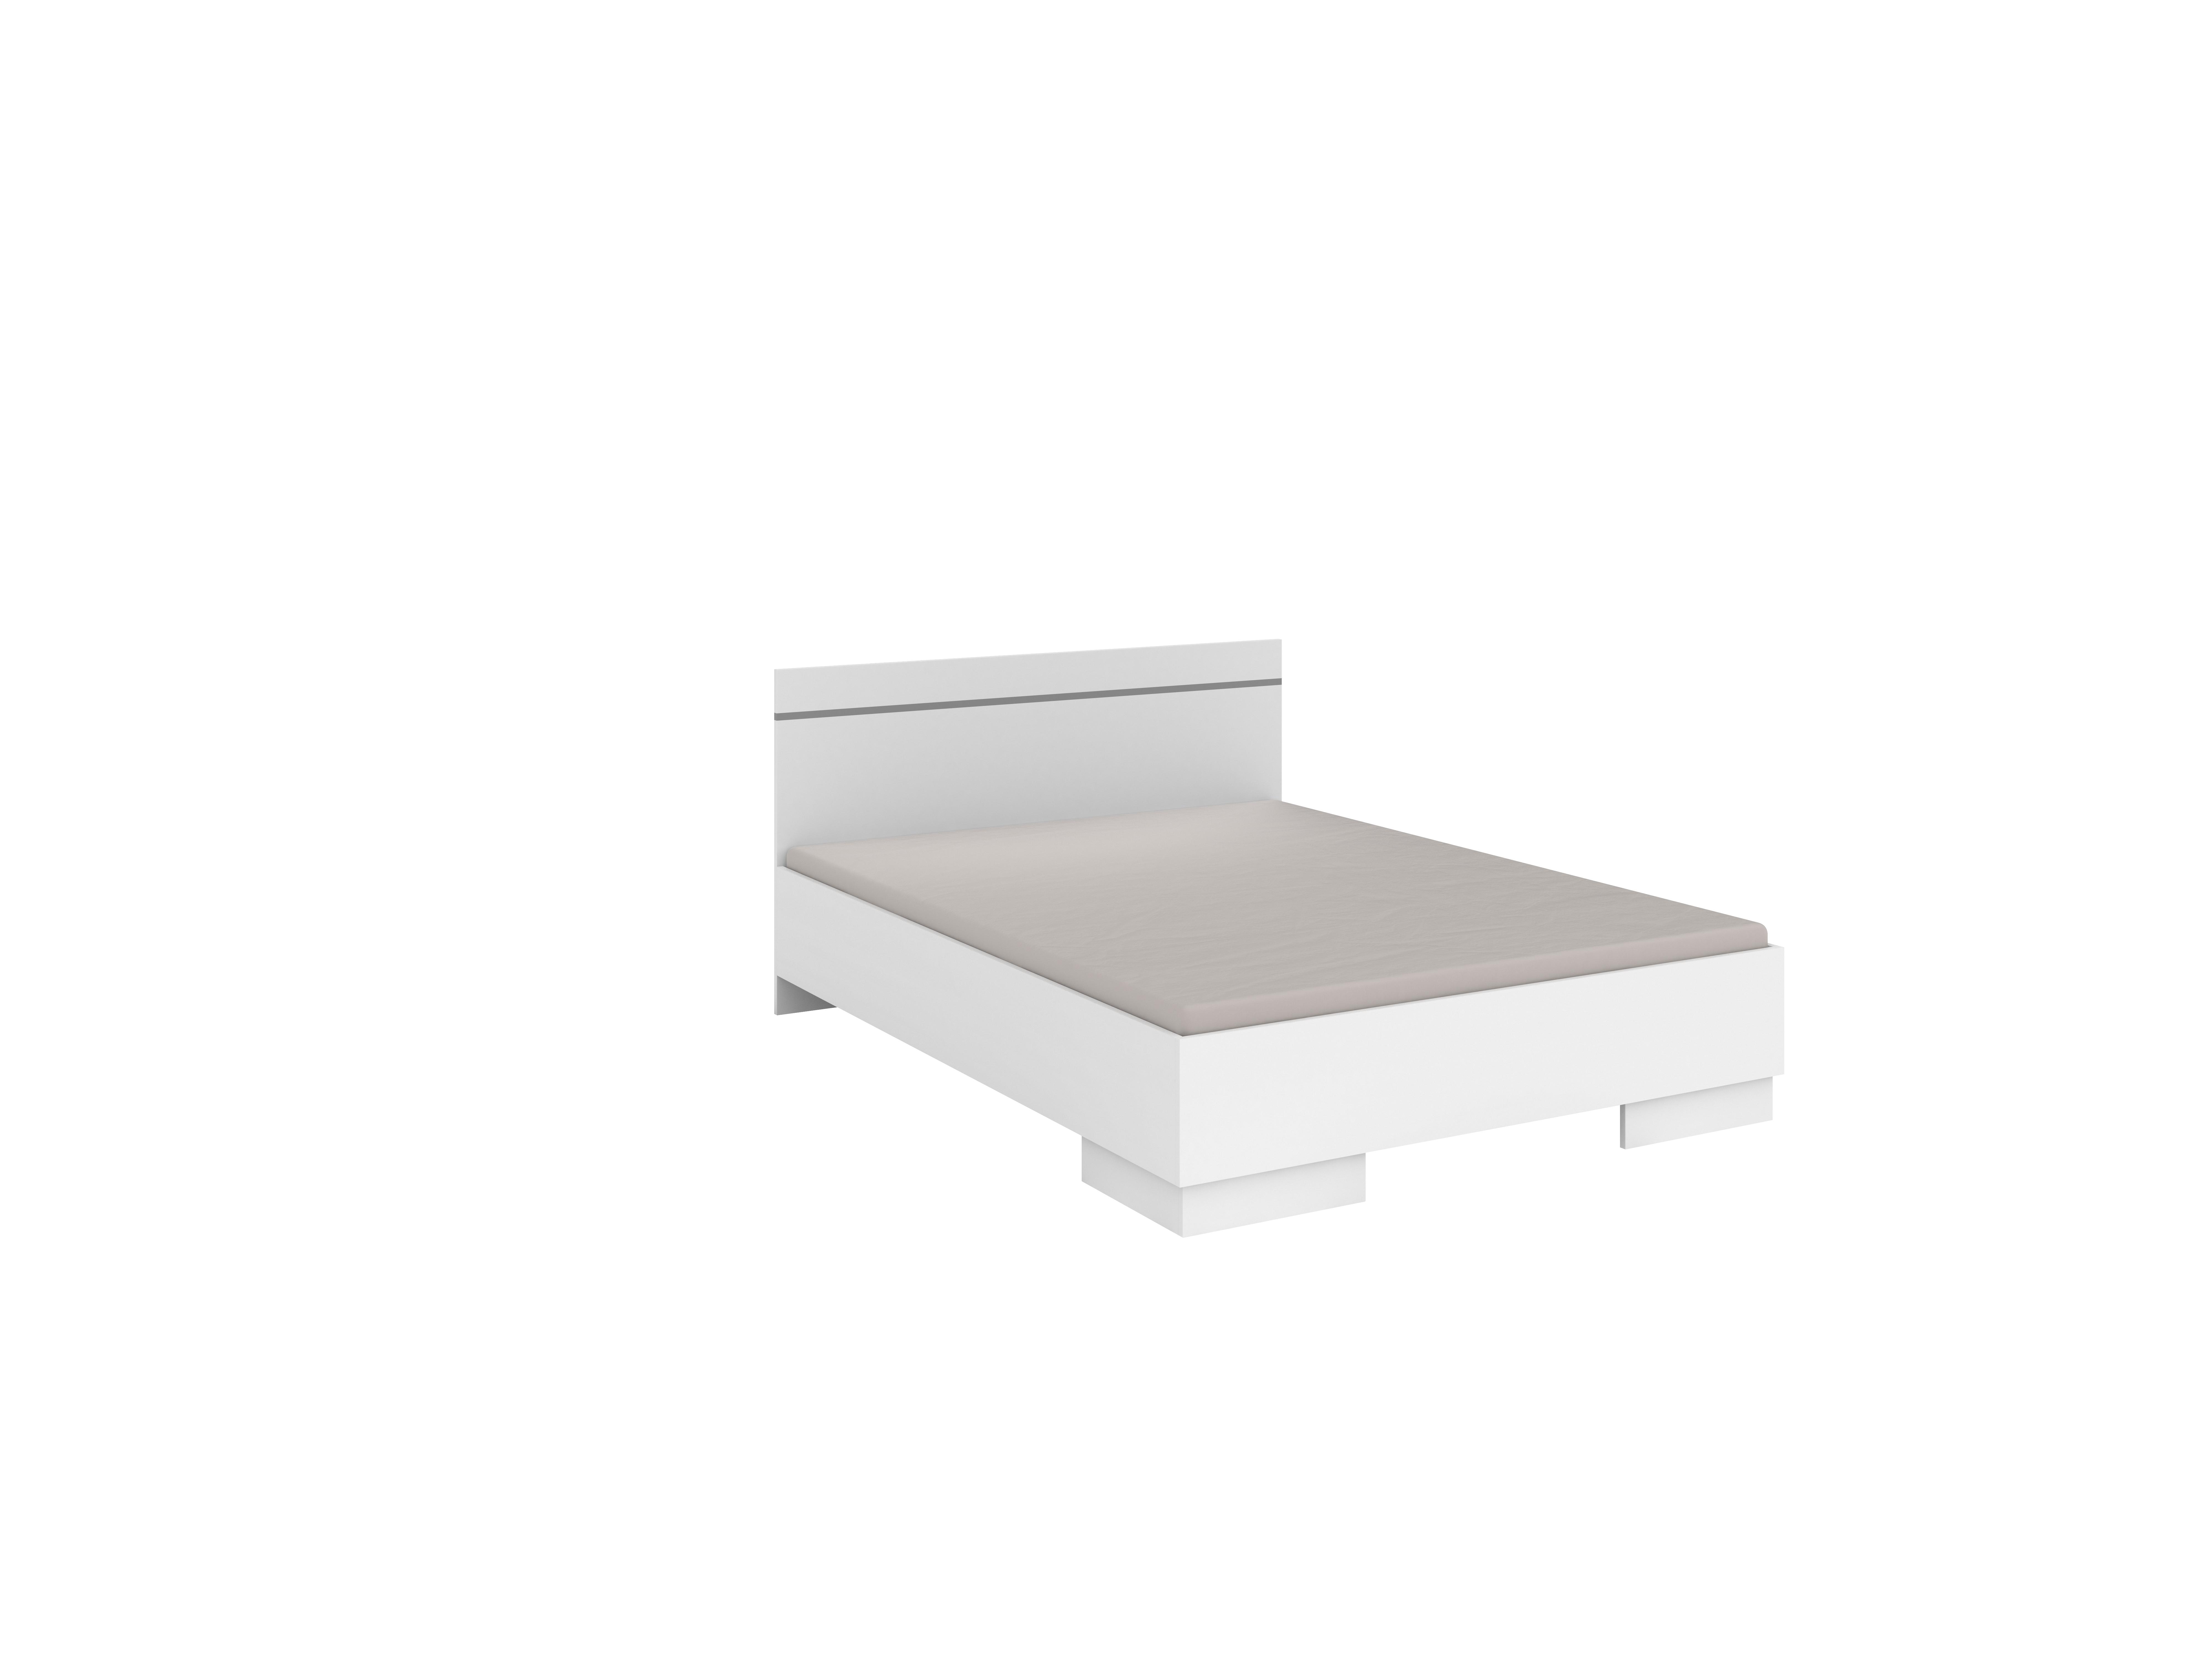 Bett Vista 160 Weiß